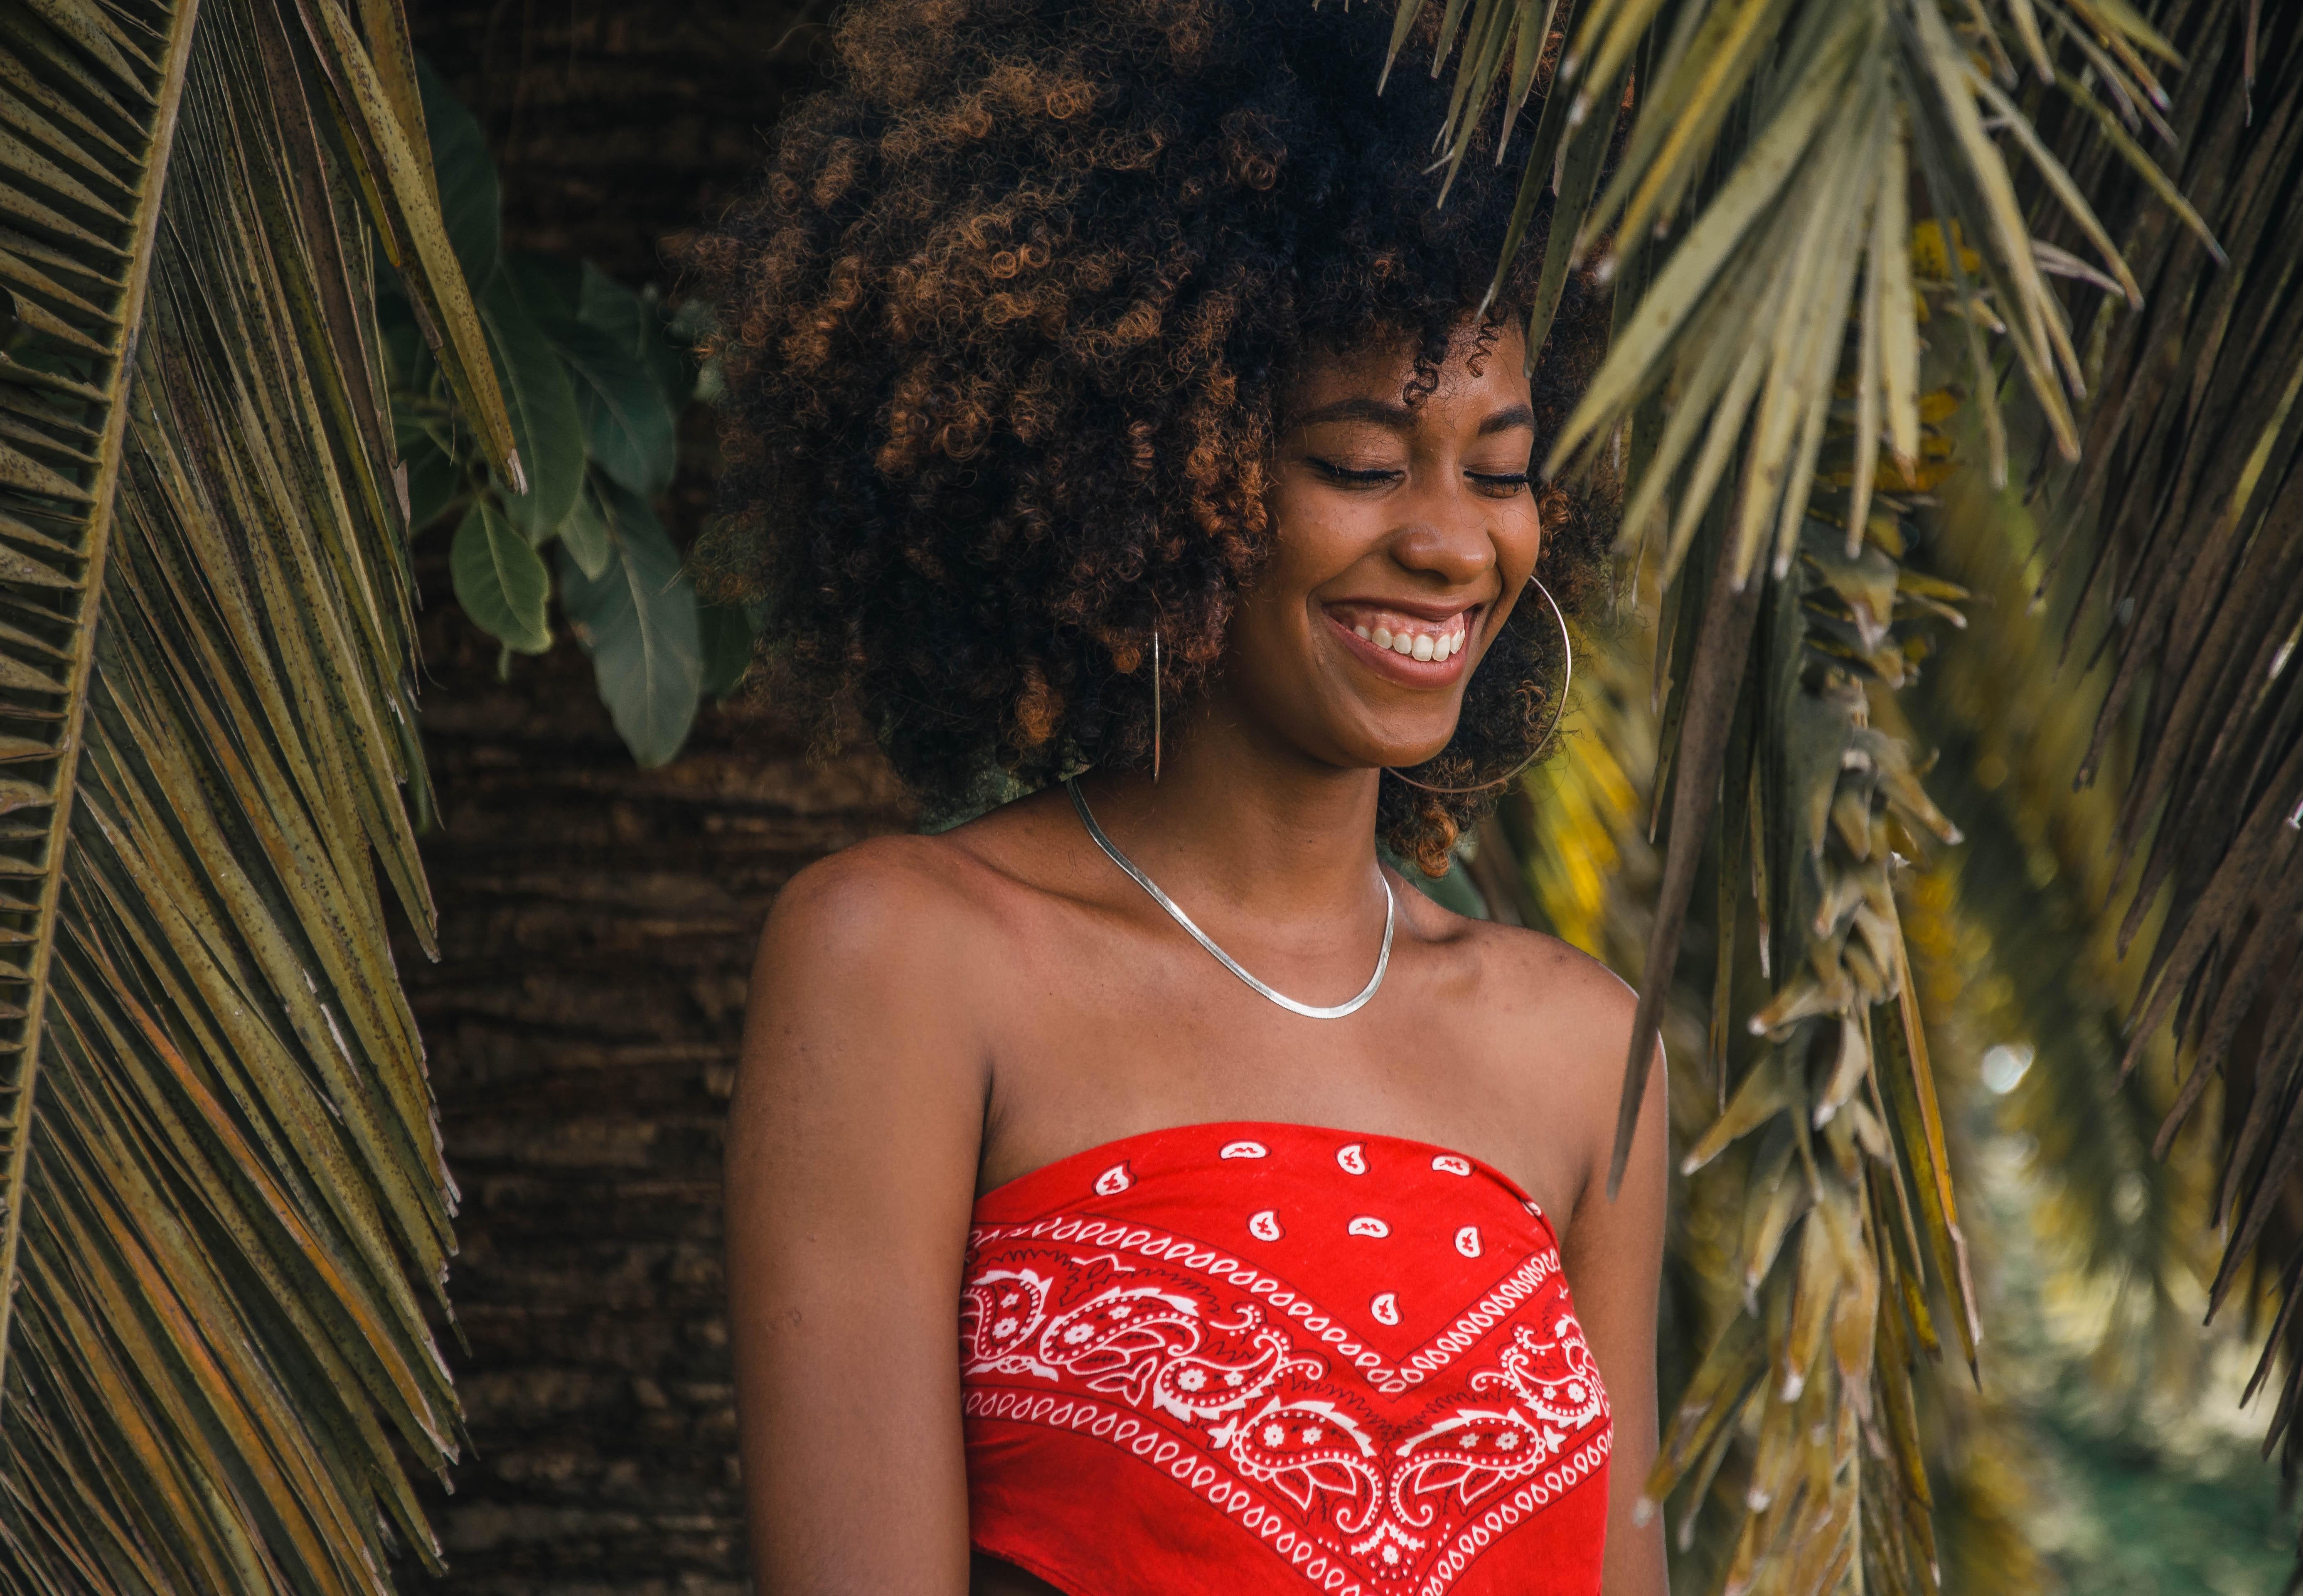 Tjej som ler och är sommarklädd poserar framför en palm